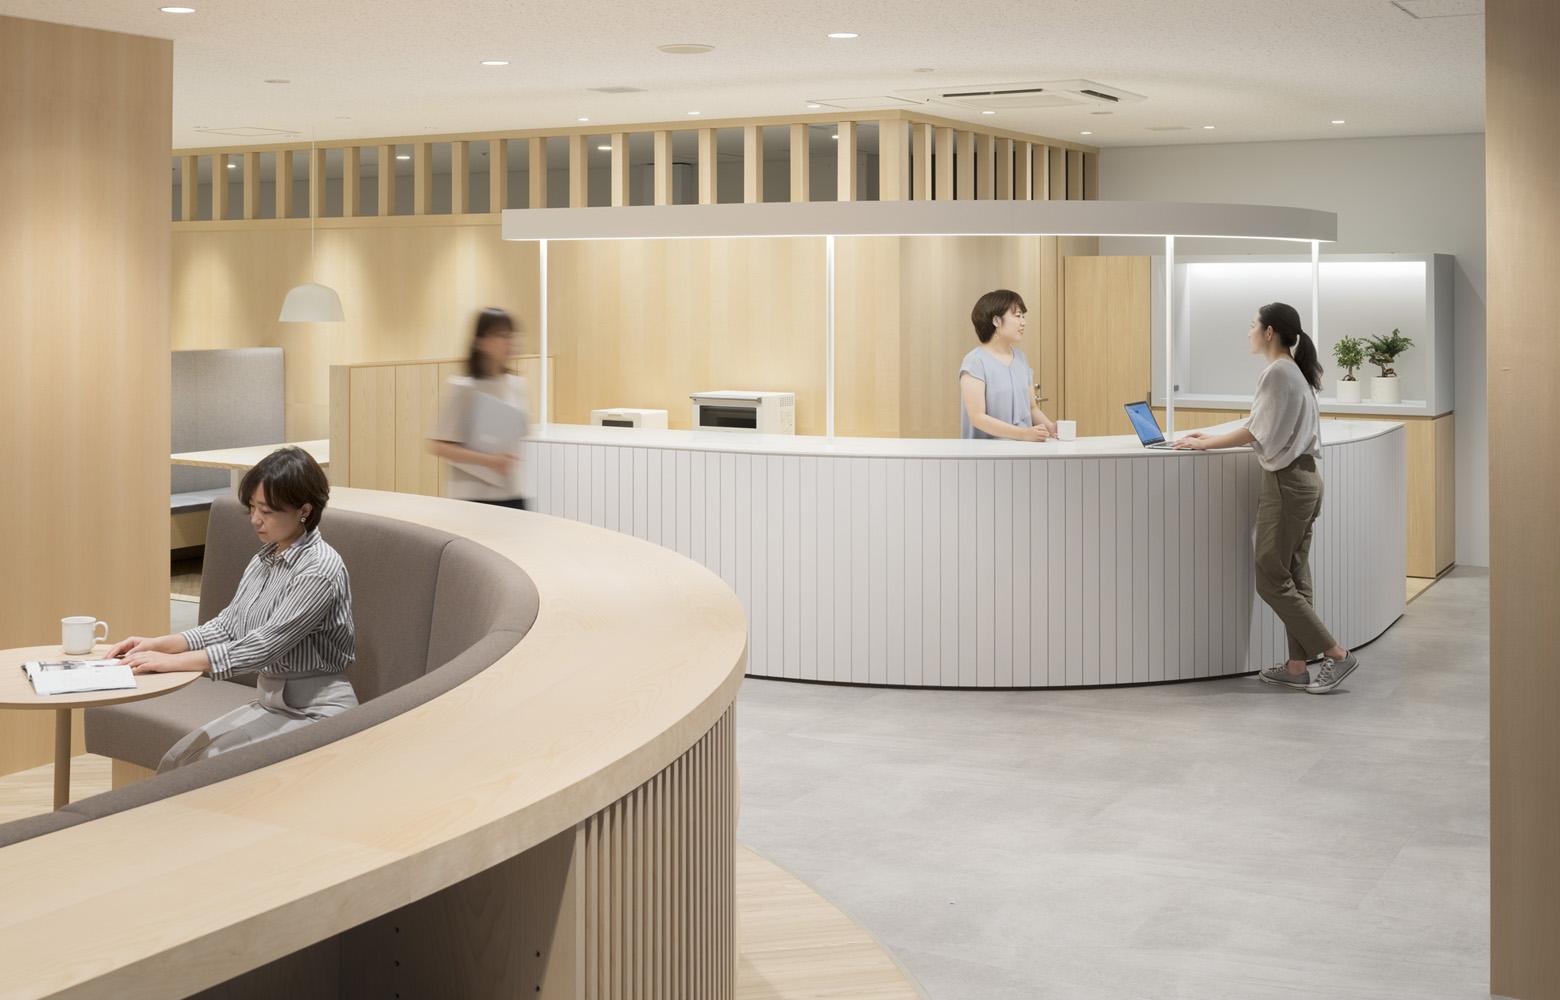 公益財団法人日本陸上競技連盟 Free Space デザイン・レイアウト事例